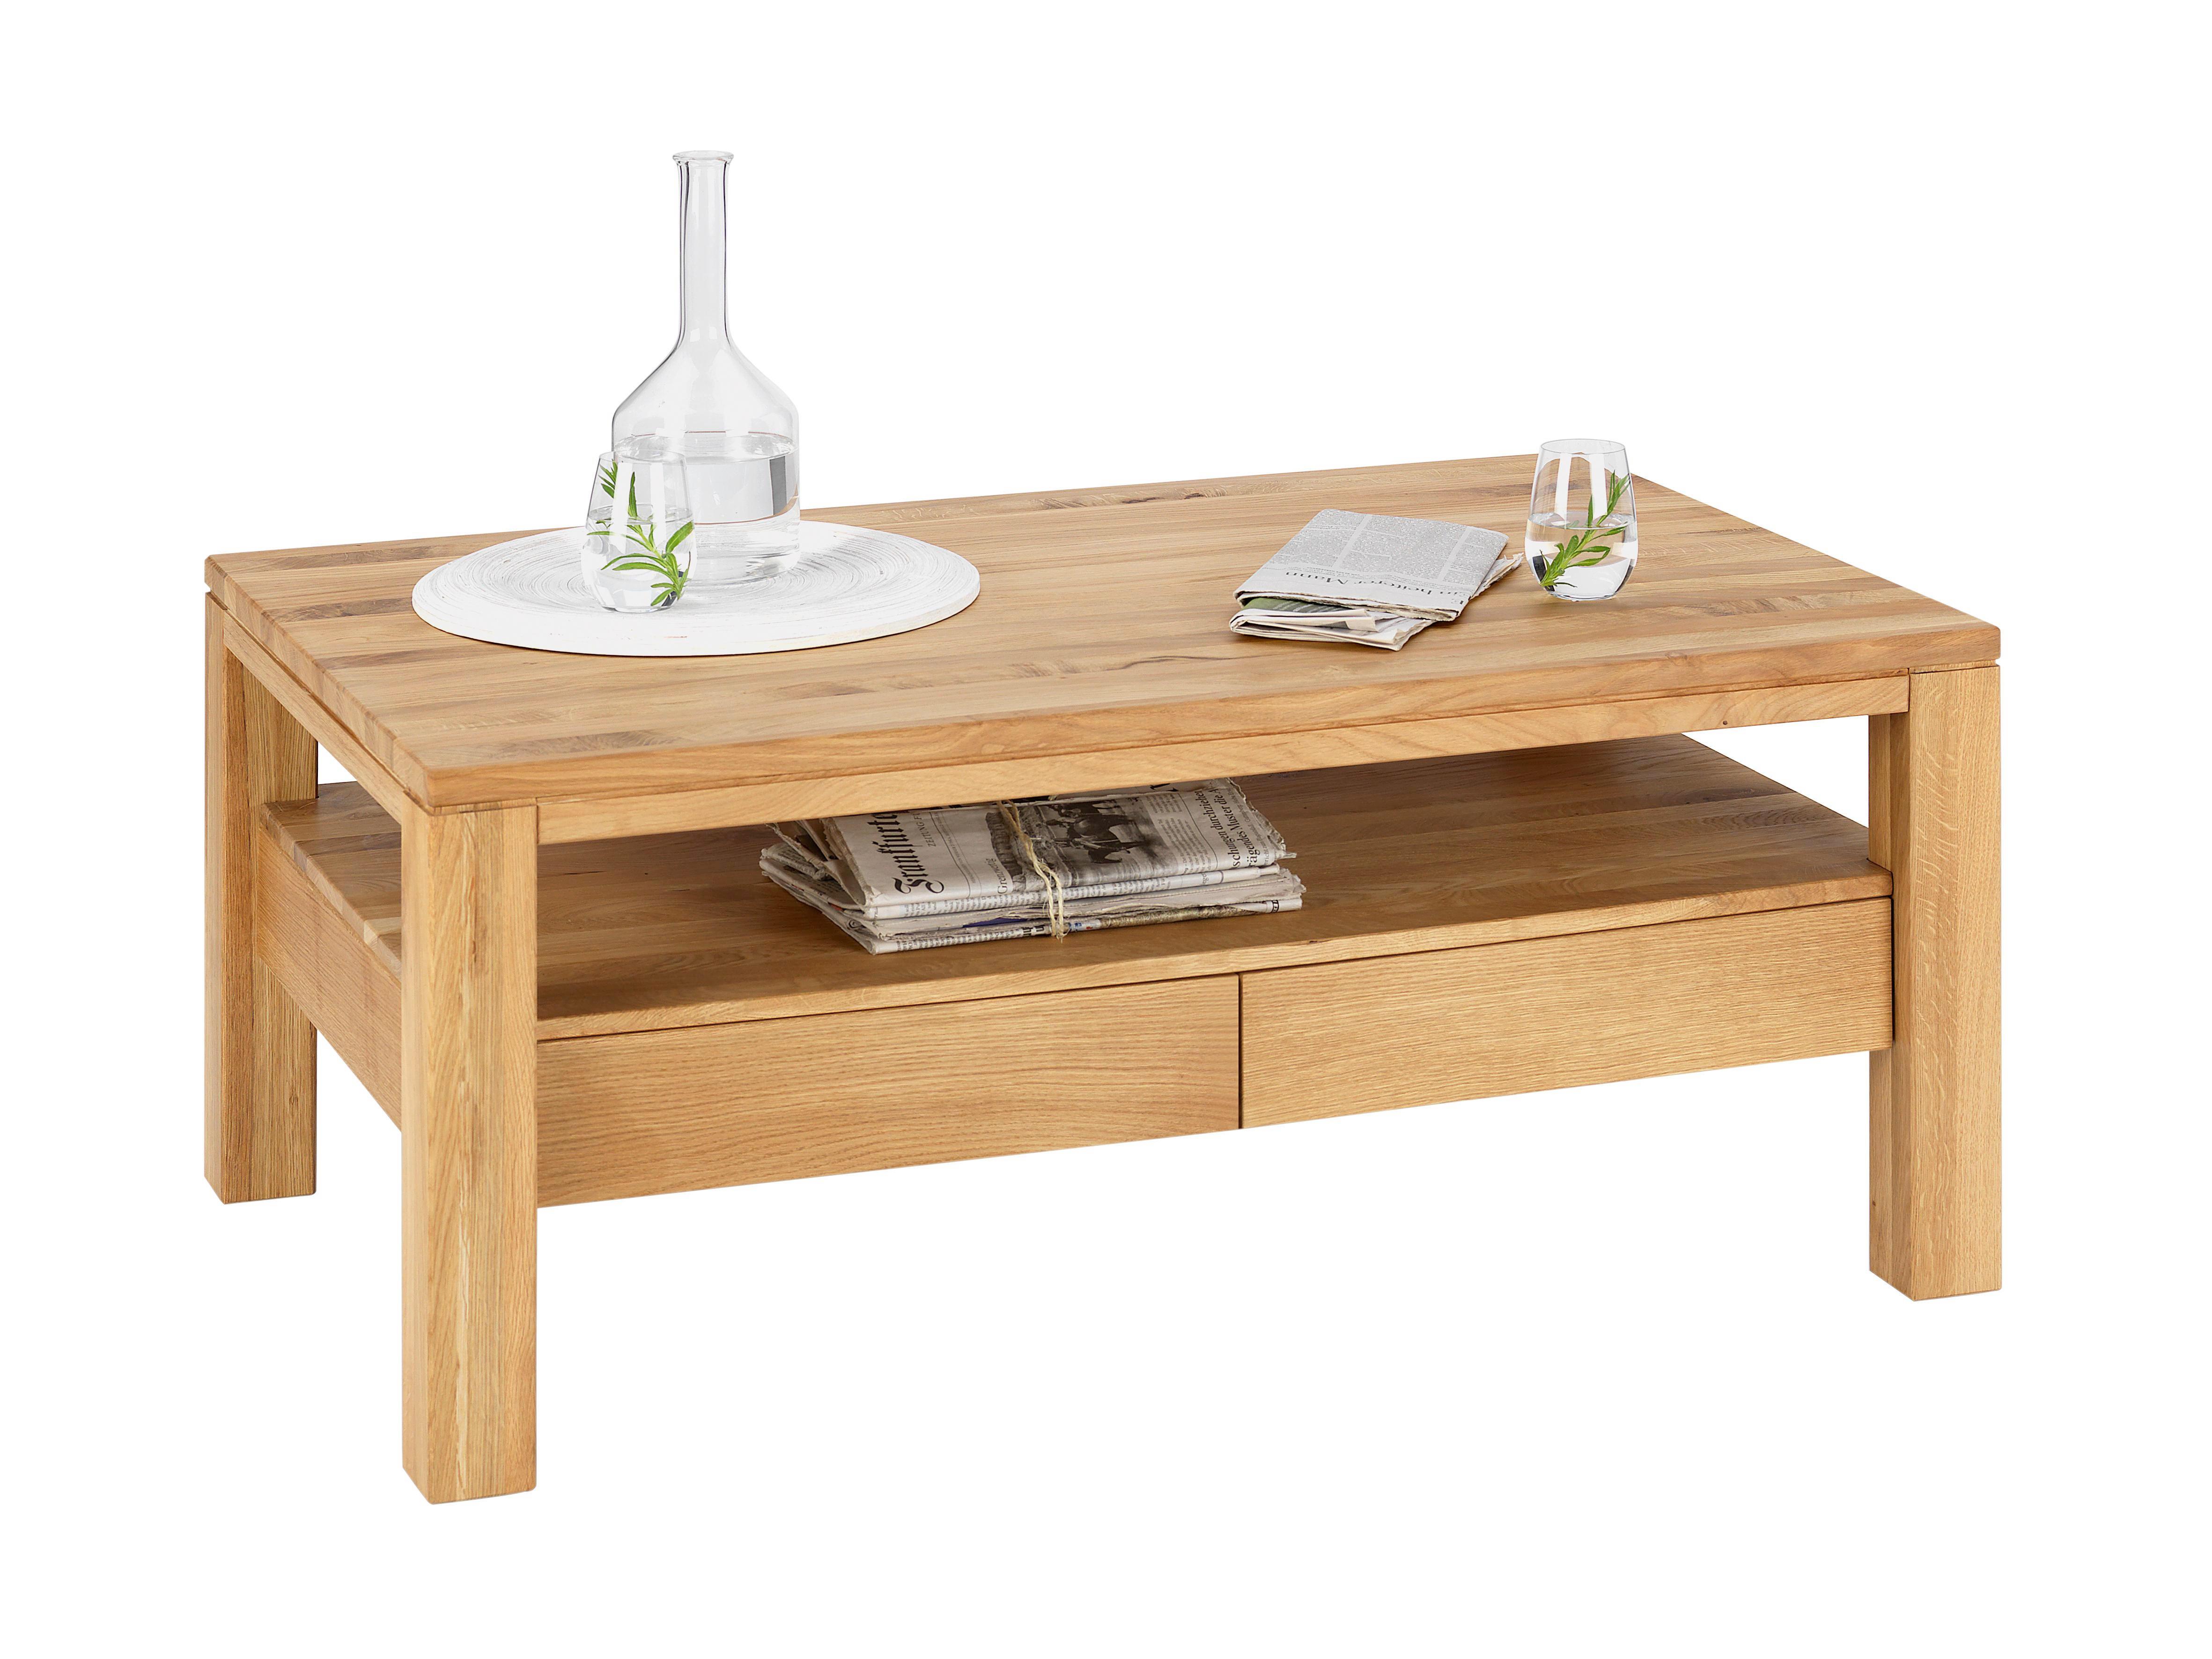 Finest Cool Couchtisch Wildeiche Massiv Rechteckig Eichefarben Eichefarben  Design With Naturholz Couchtisch With Designer Couchtisch Holz